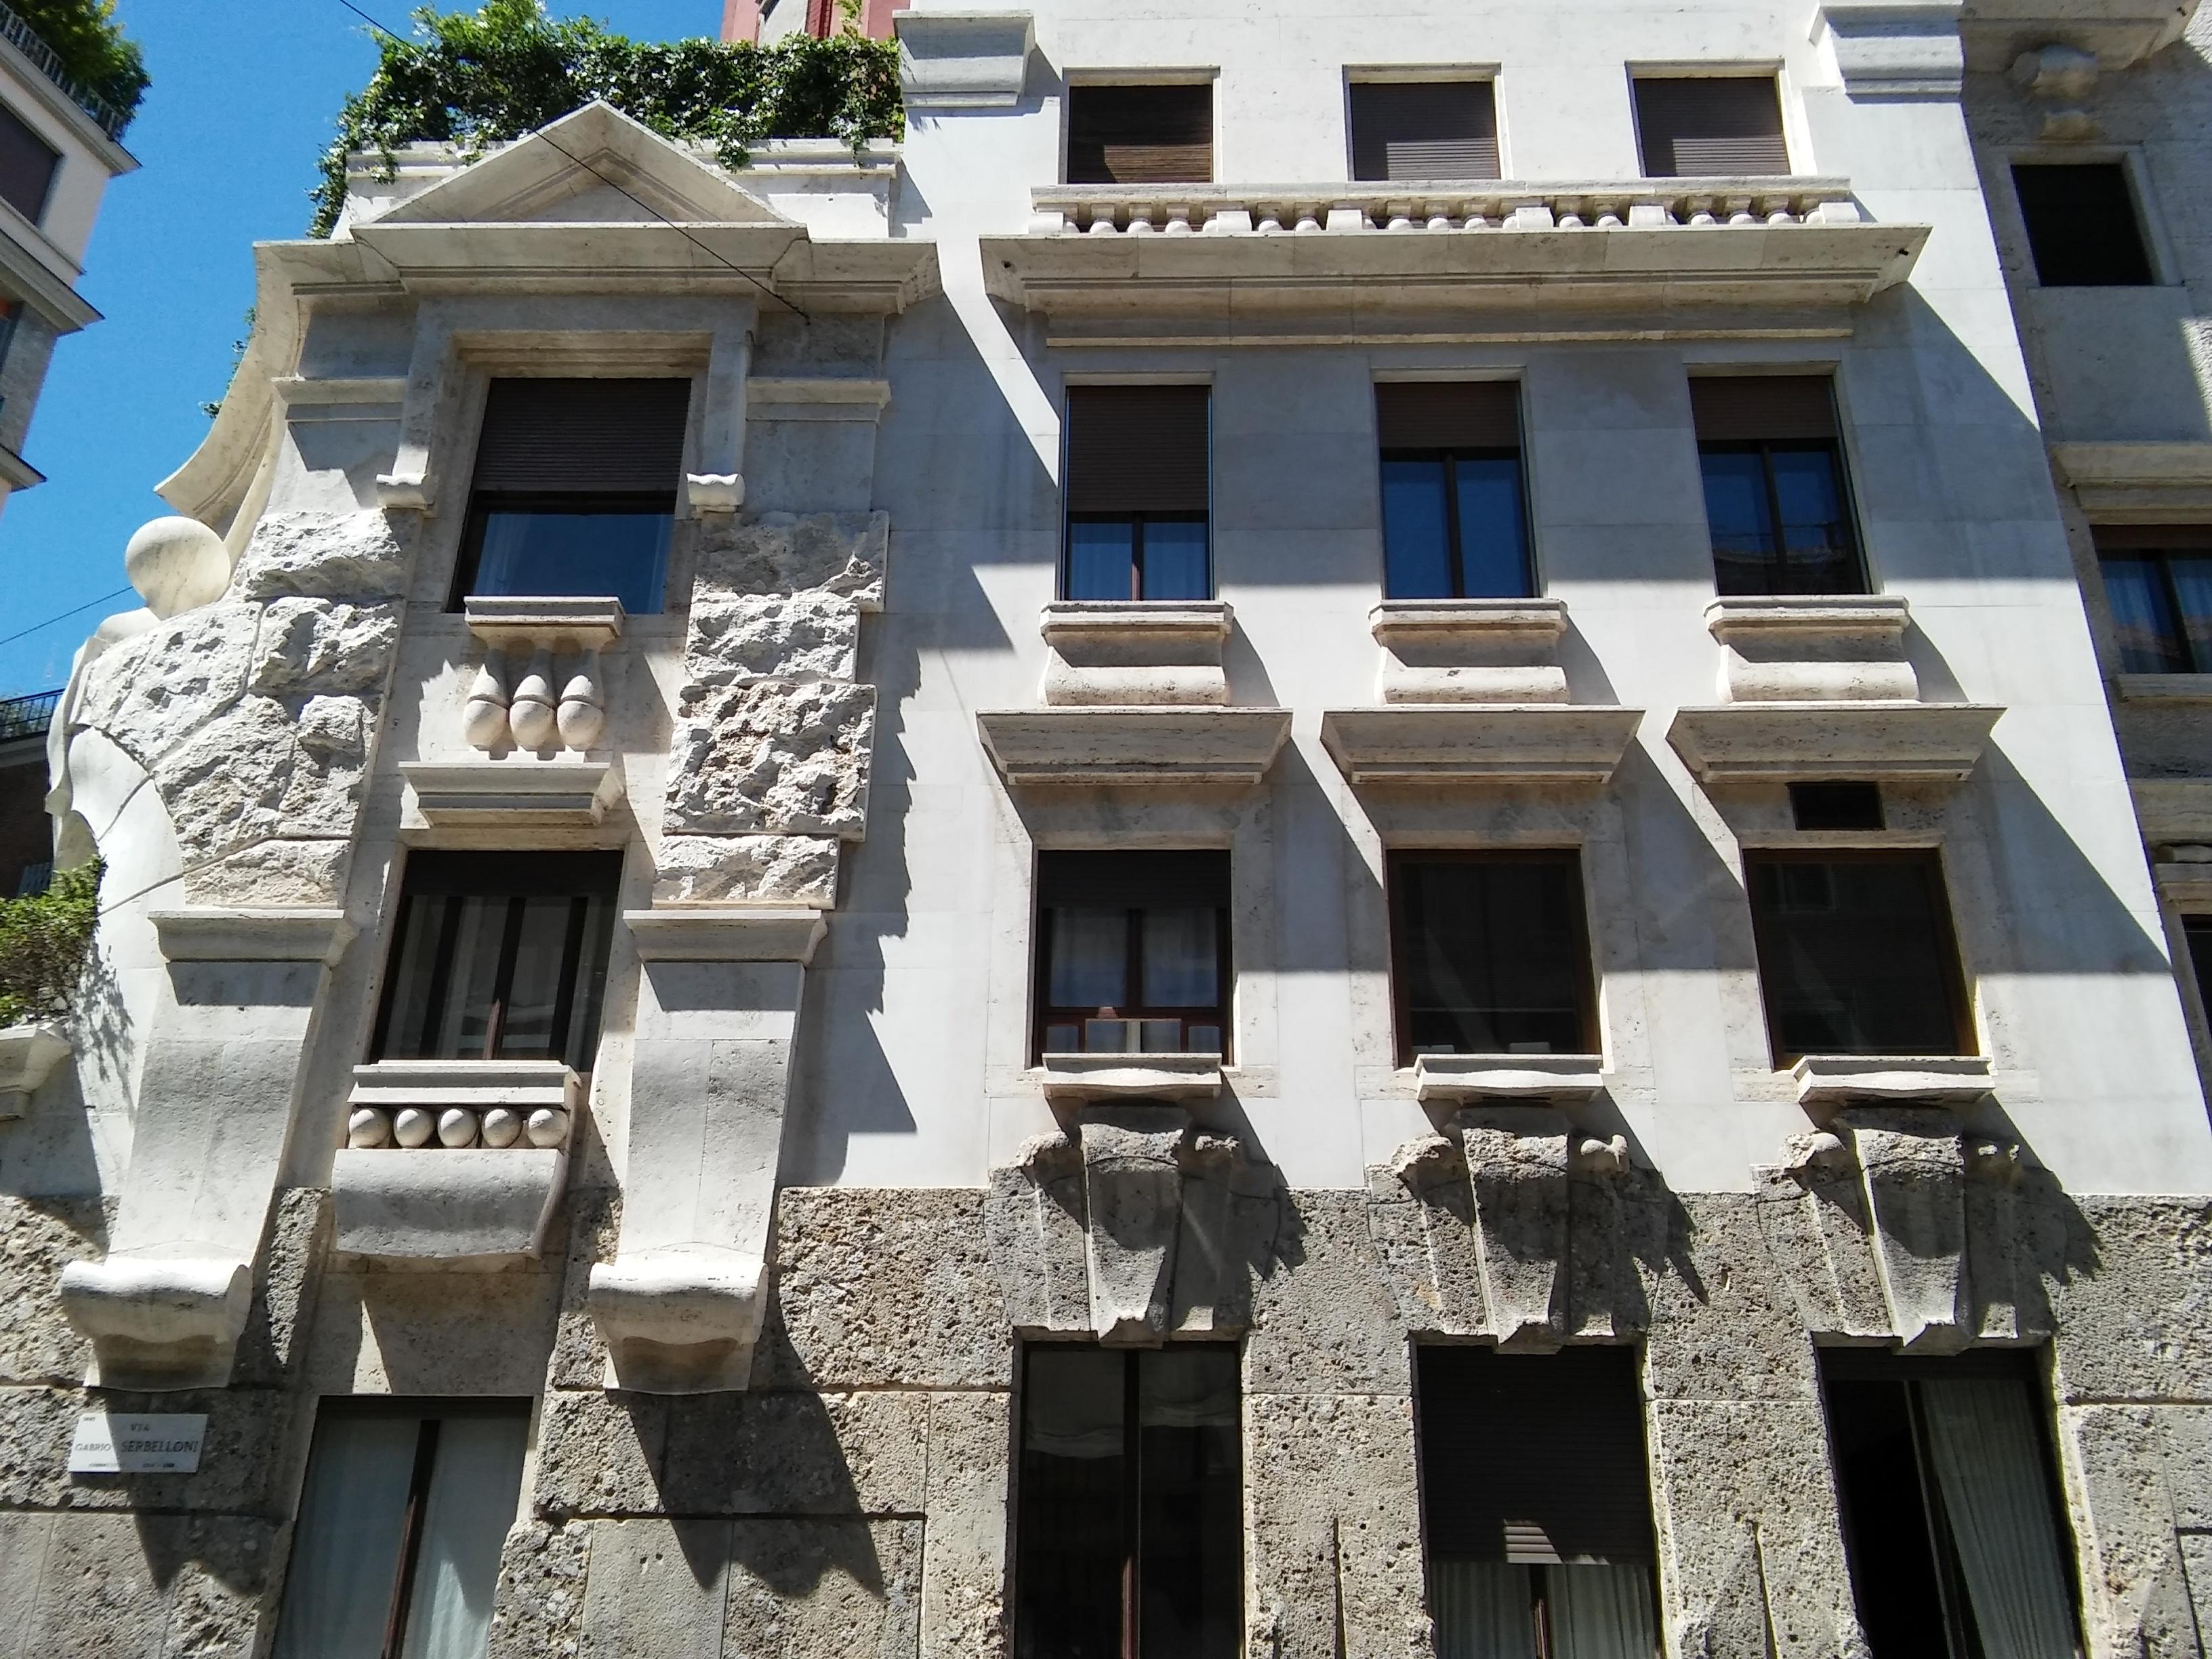 Casa Sola-Busca - Wikipedia